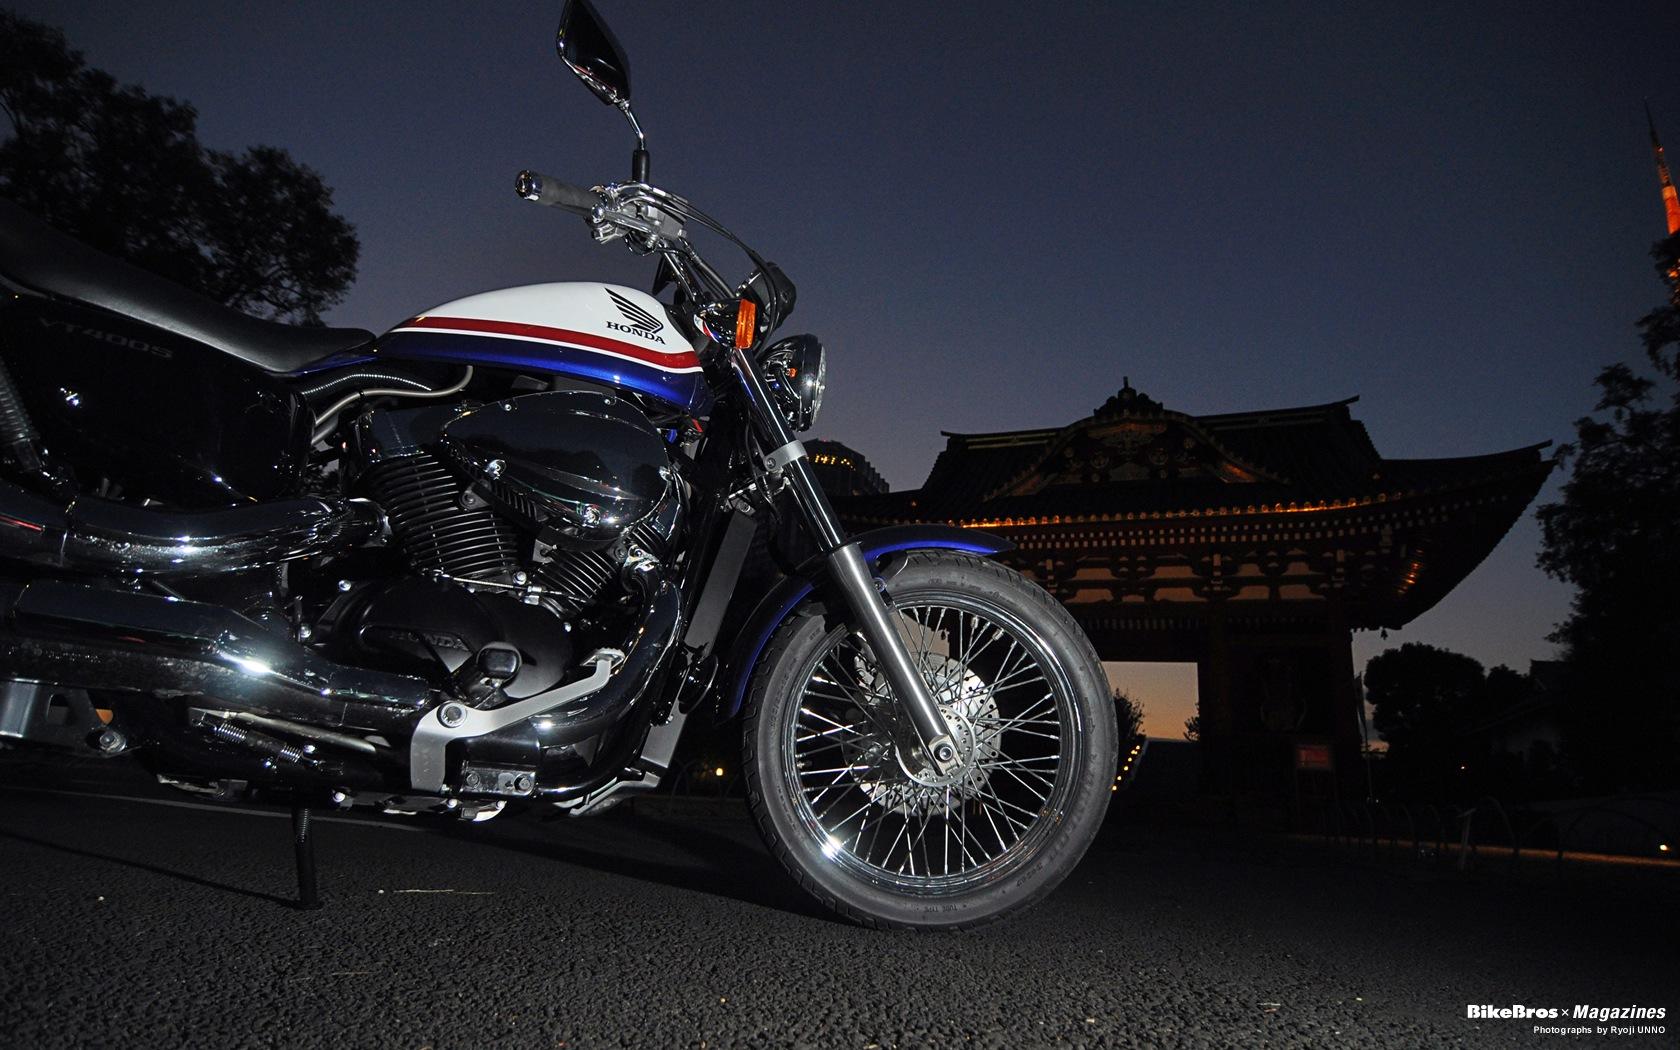 ホンダ Vt400s バイク壁紙集 バイクブロス